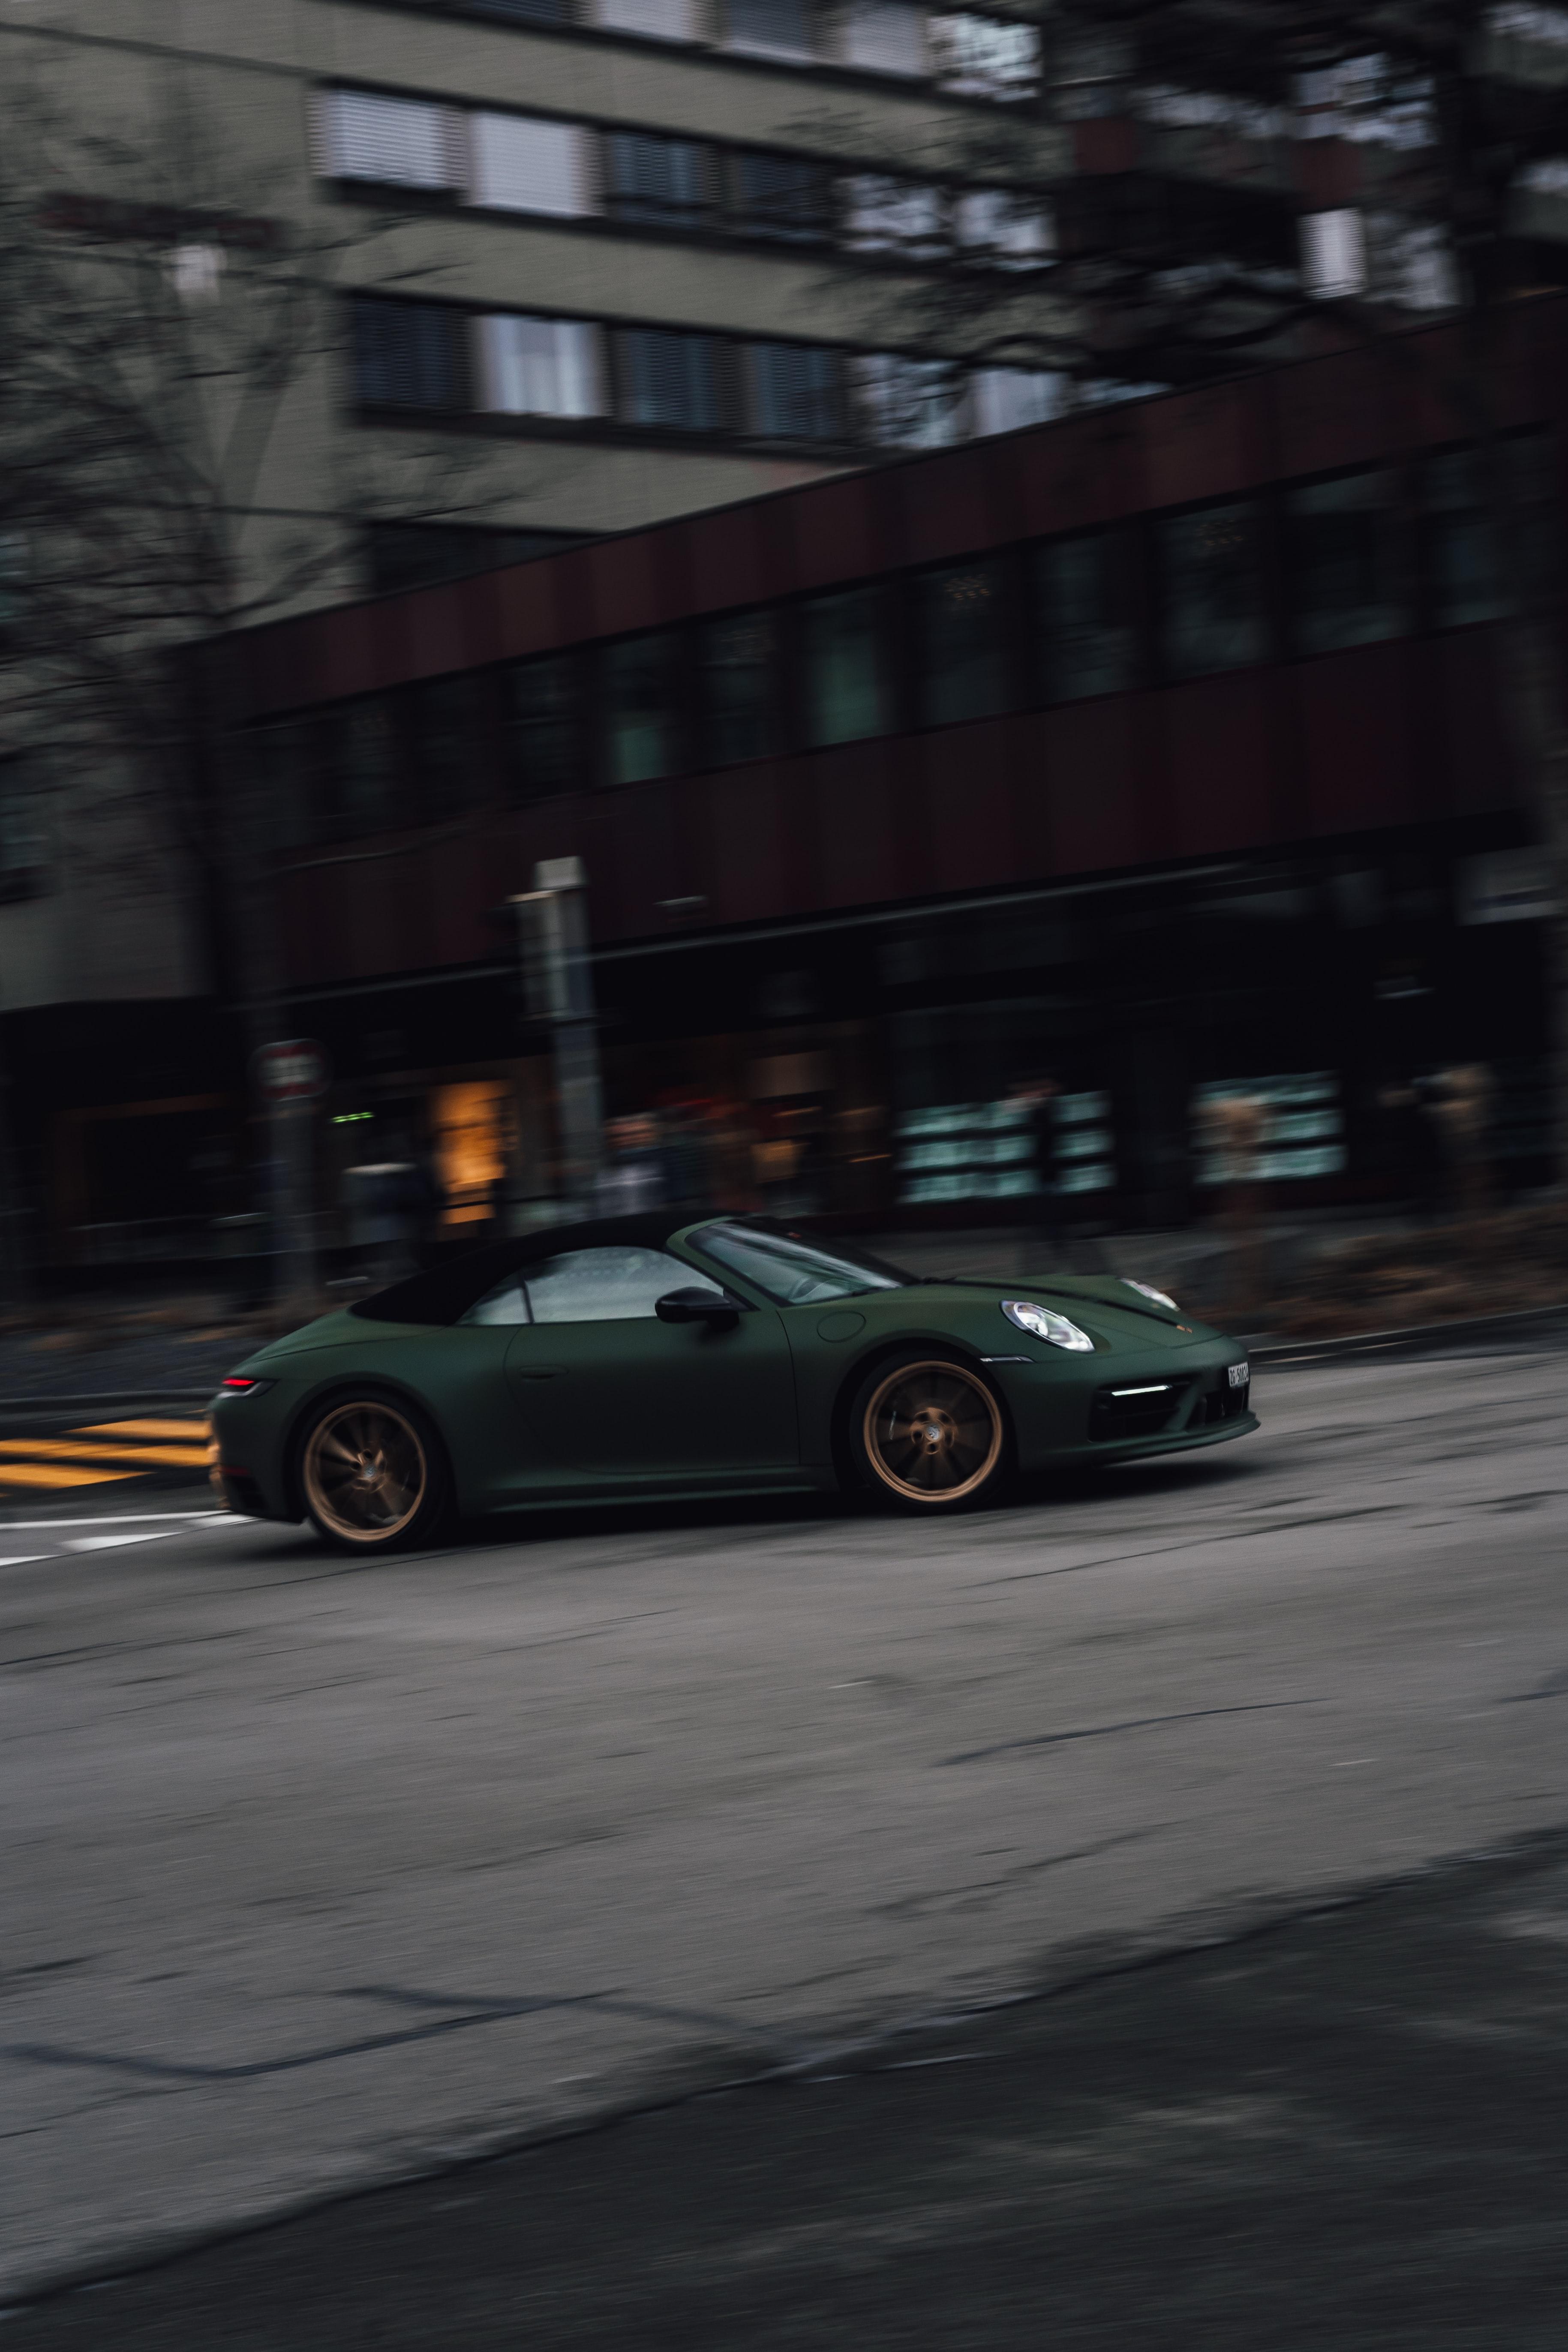 120897 Заставки и Обои Порш (Porsche) на телефон. Скачать Порш (Porsche), Тачки (Cars), Автомобиль, Спорткар, Зеленый, Скорость, Улица картинки бесплатно